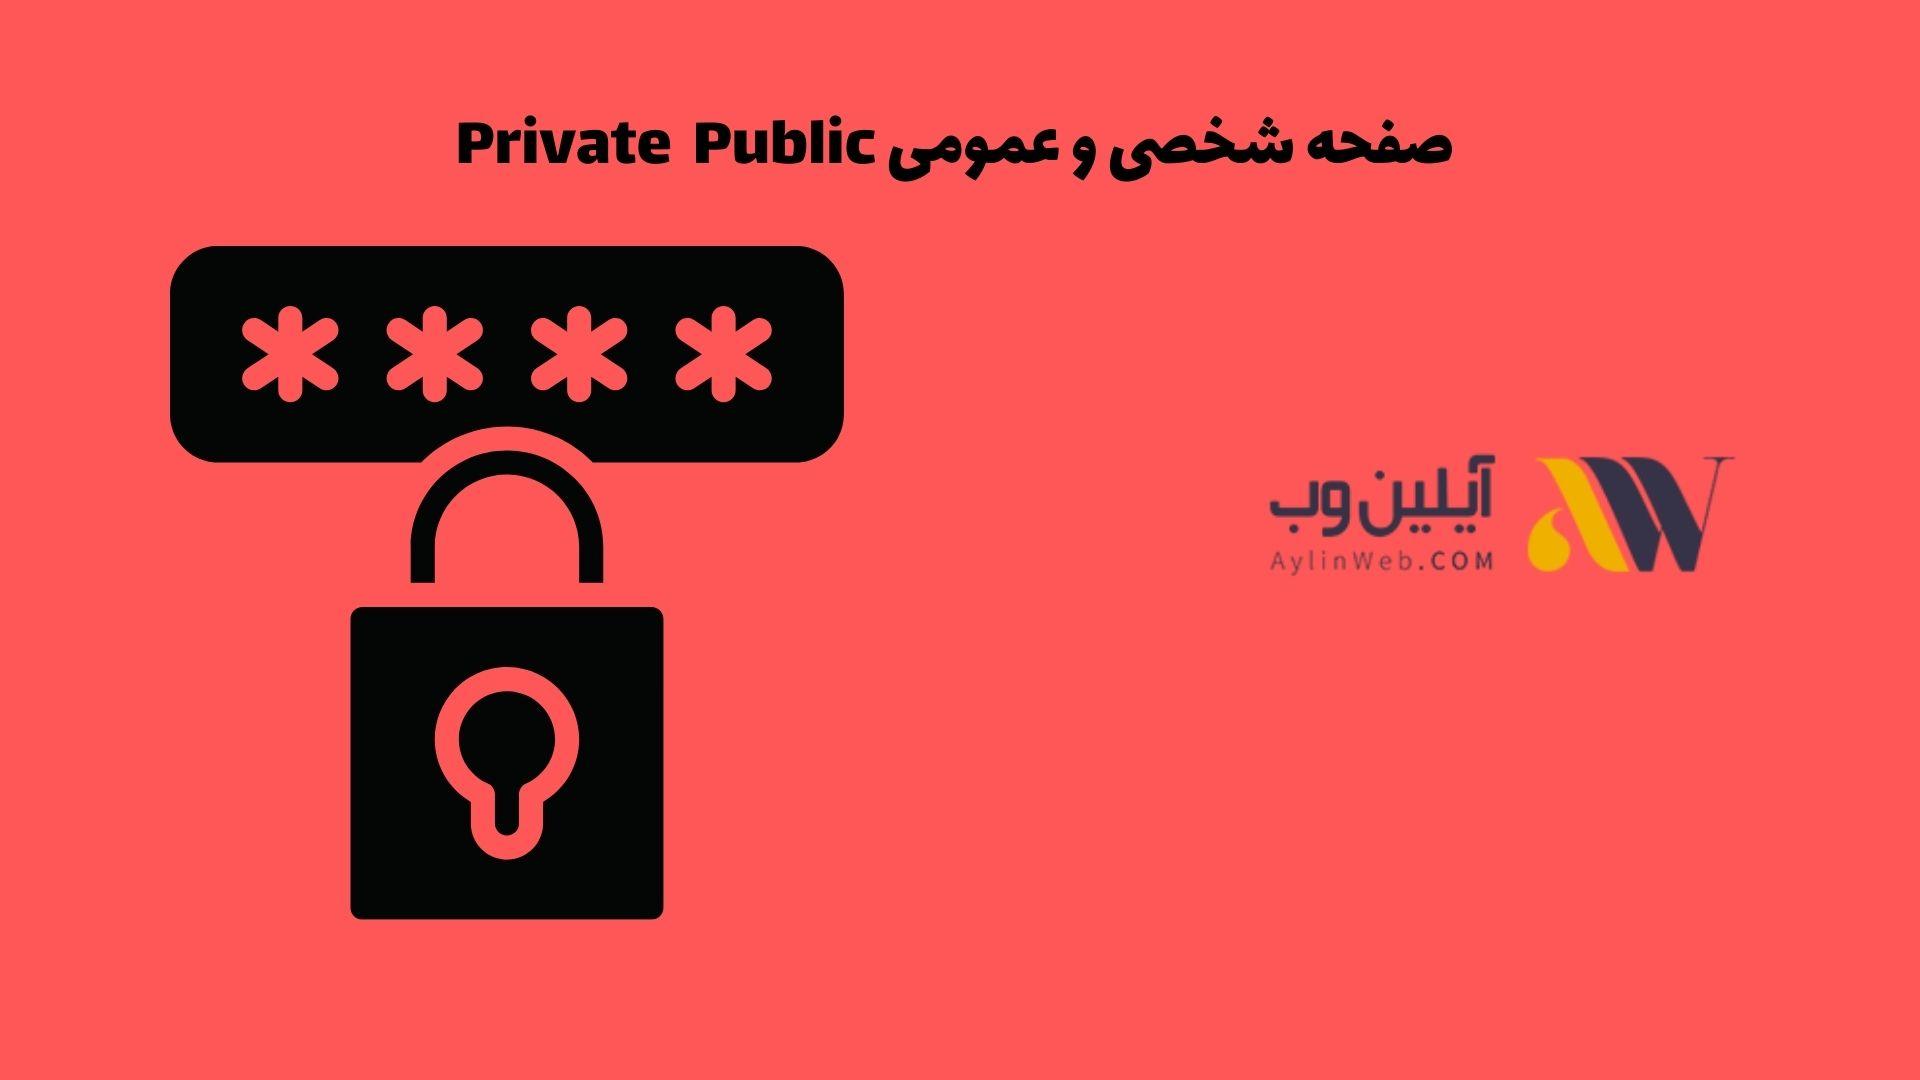 صفحه شخصی و عمومی Private Public